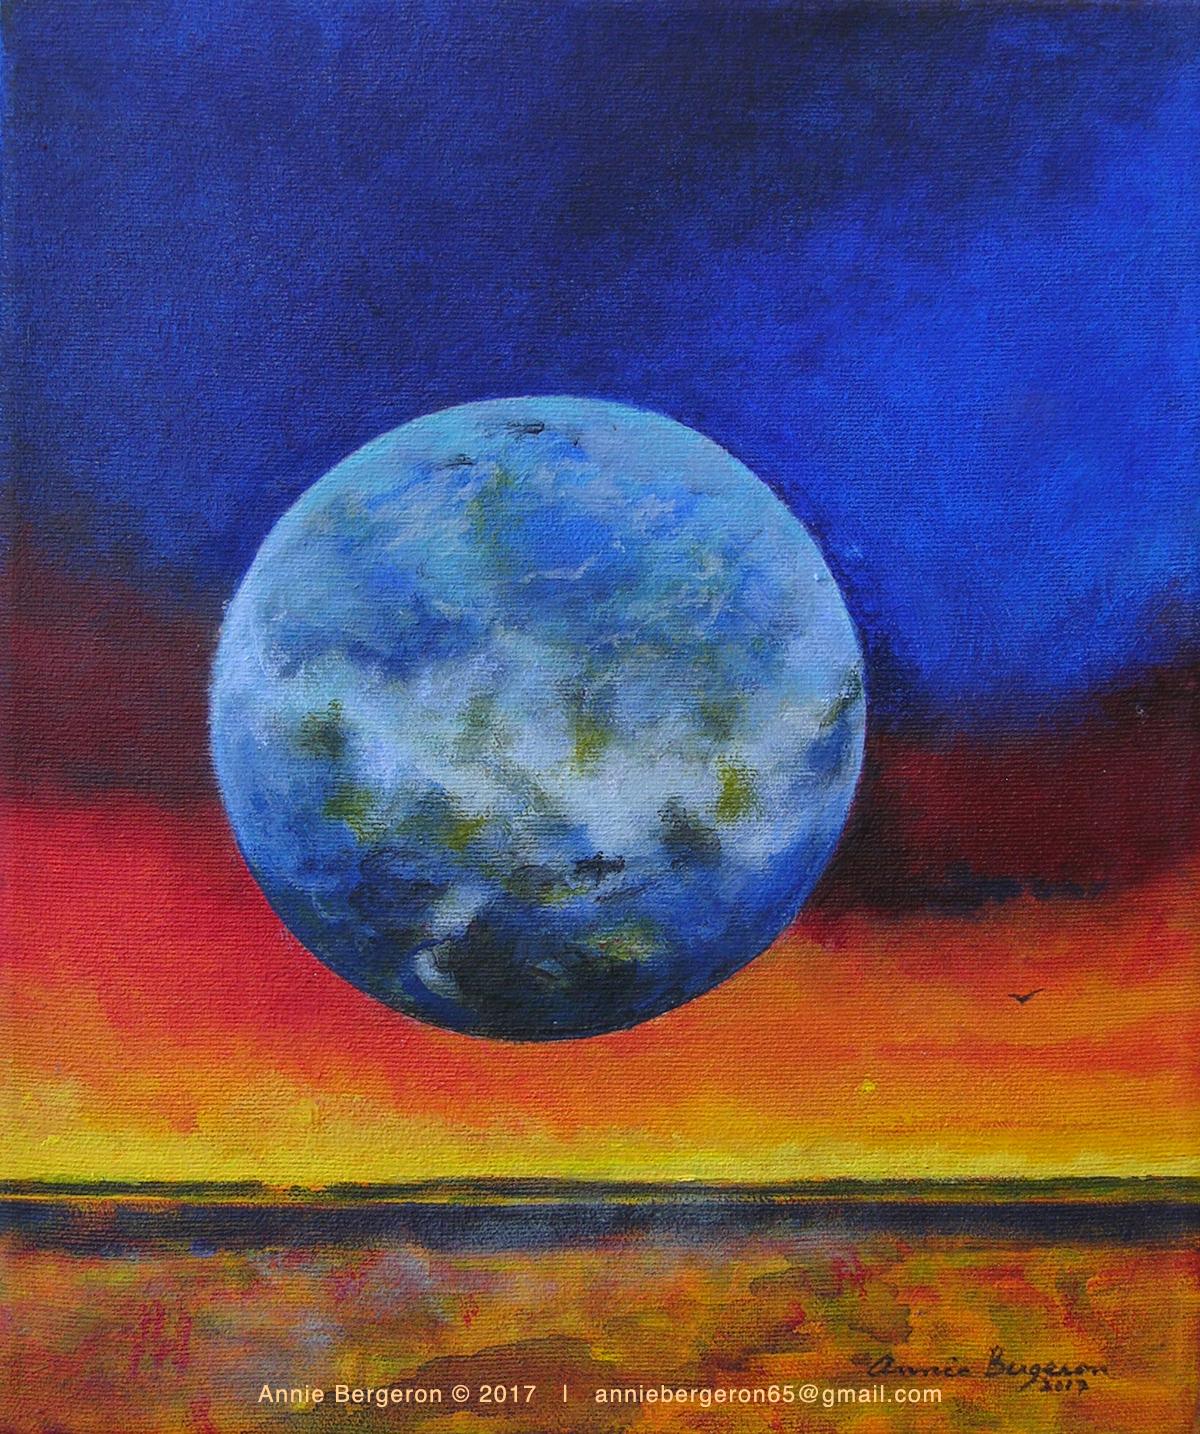 Les horizons cosmiques